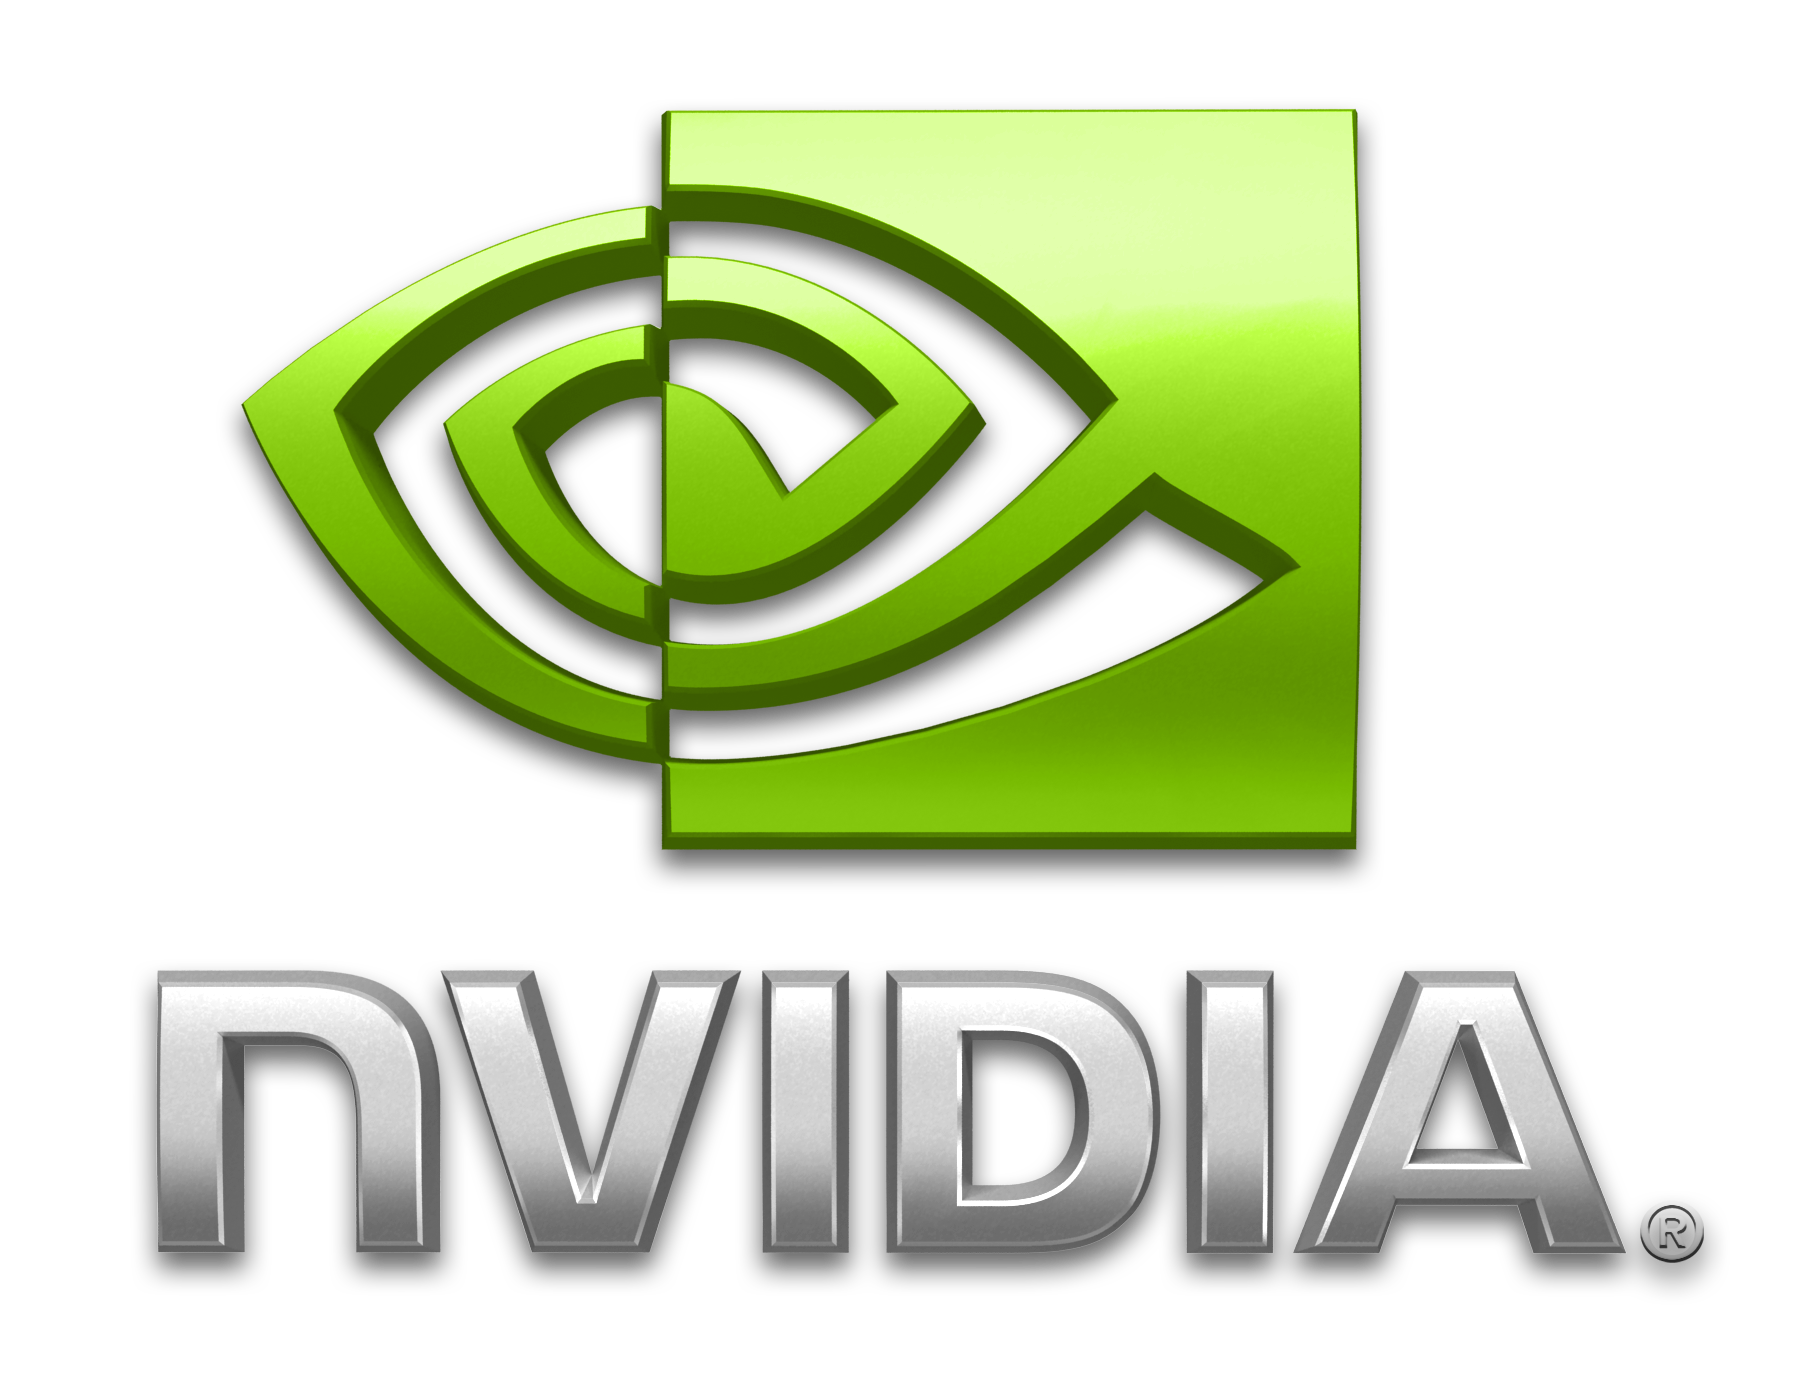 nividia-logo.png